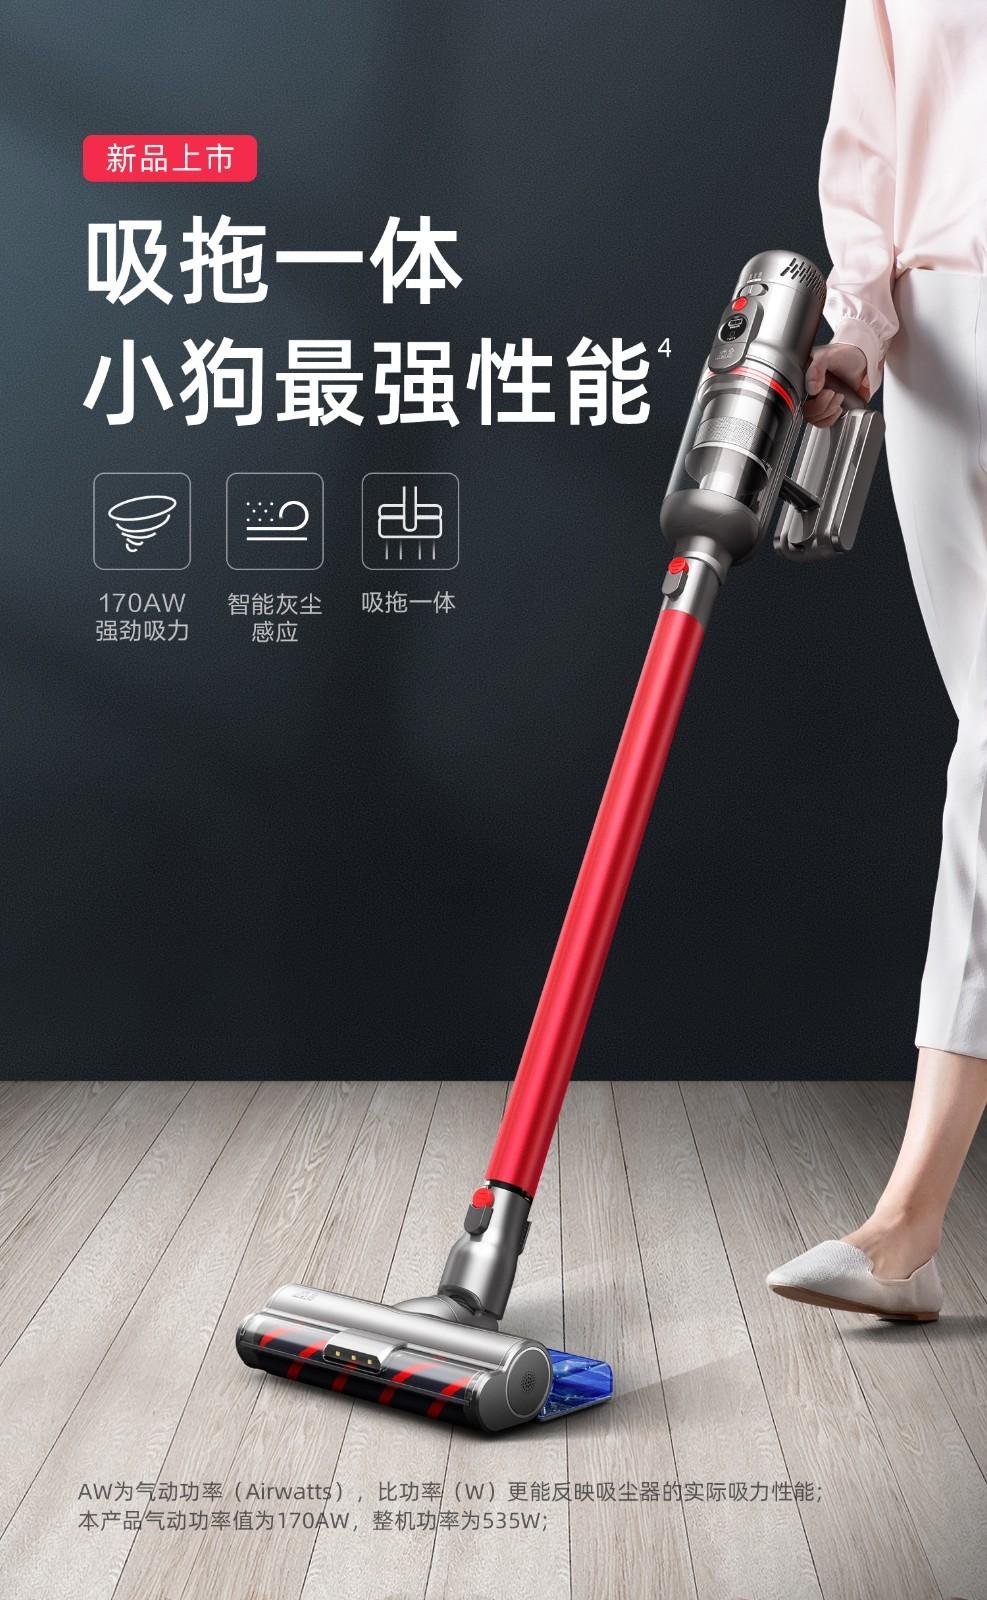 吸拖一次搞定,小狗吸尘器T12 Pro京东火爆预售中